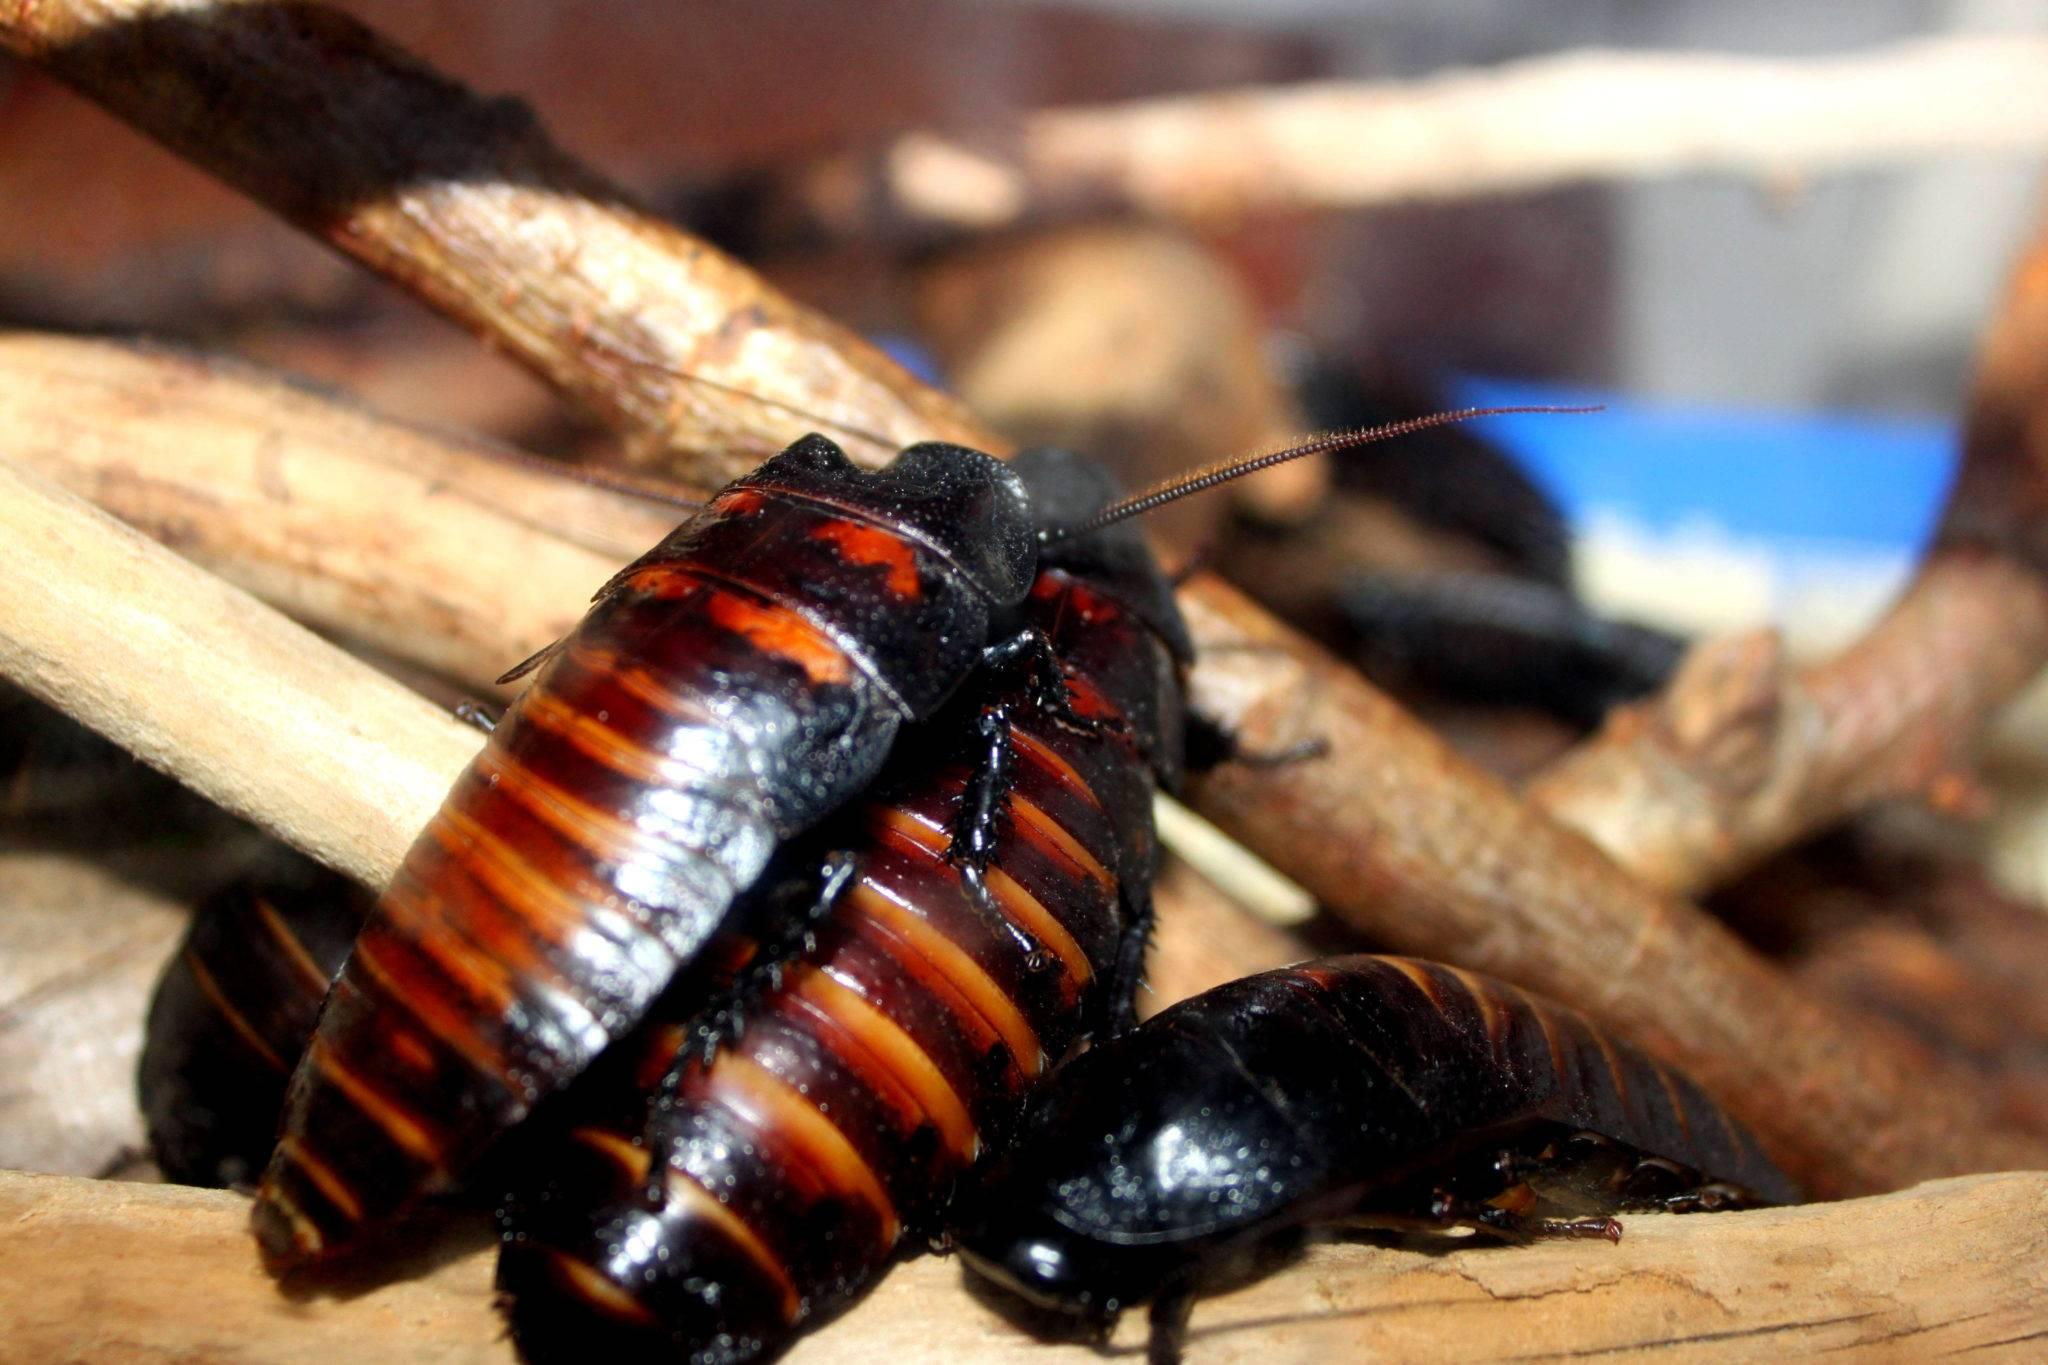 Описание мадагаскарских шипящих тараканов и их содержание: рассматриваем по пунктам